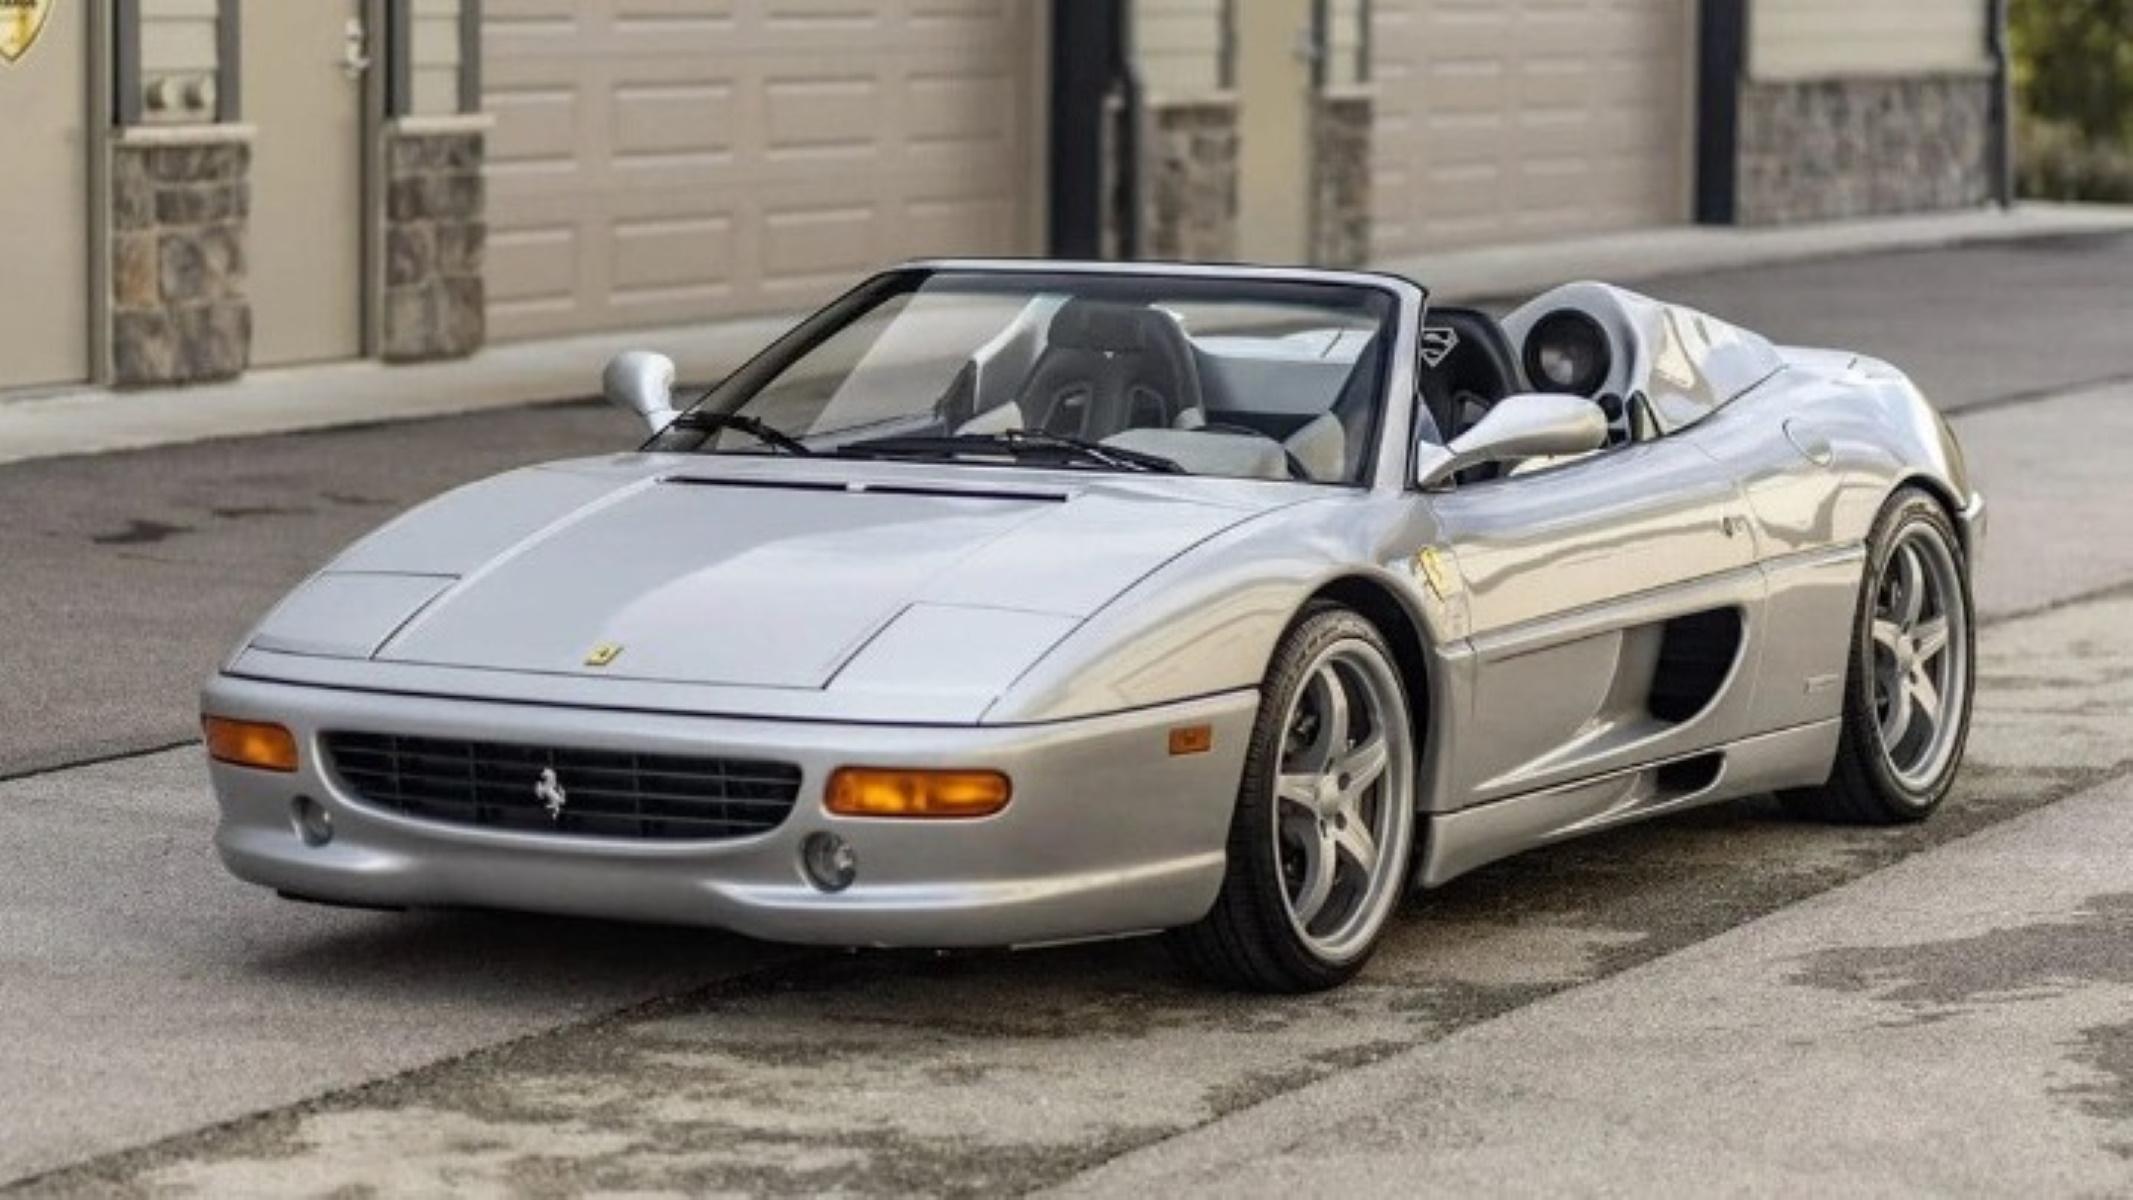 Πωλείται σε δημοπρασία η Ferrari F355 Spider του Σακίλ Ο' Νιλ